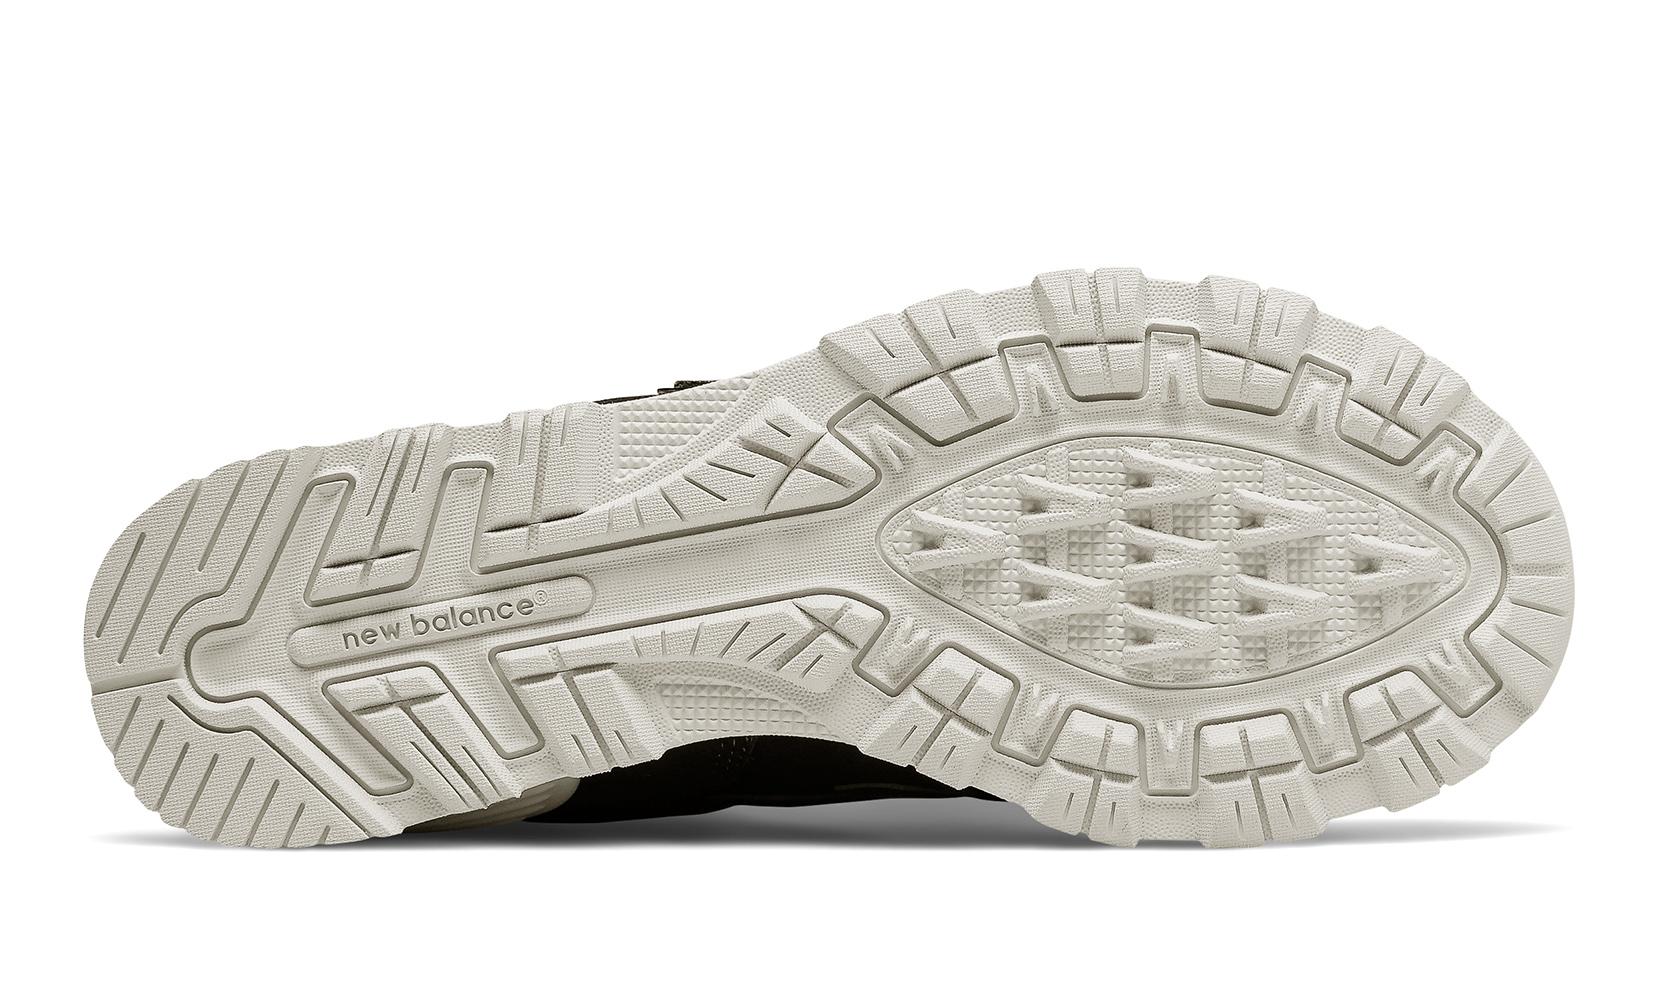 Жіноче взуття повсякденне New Balance 574 Mid WH574BB | New Balance